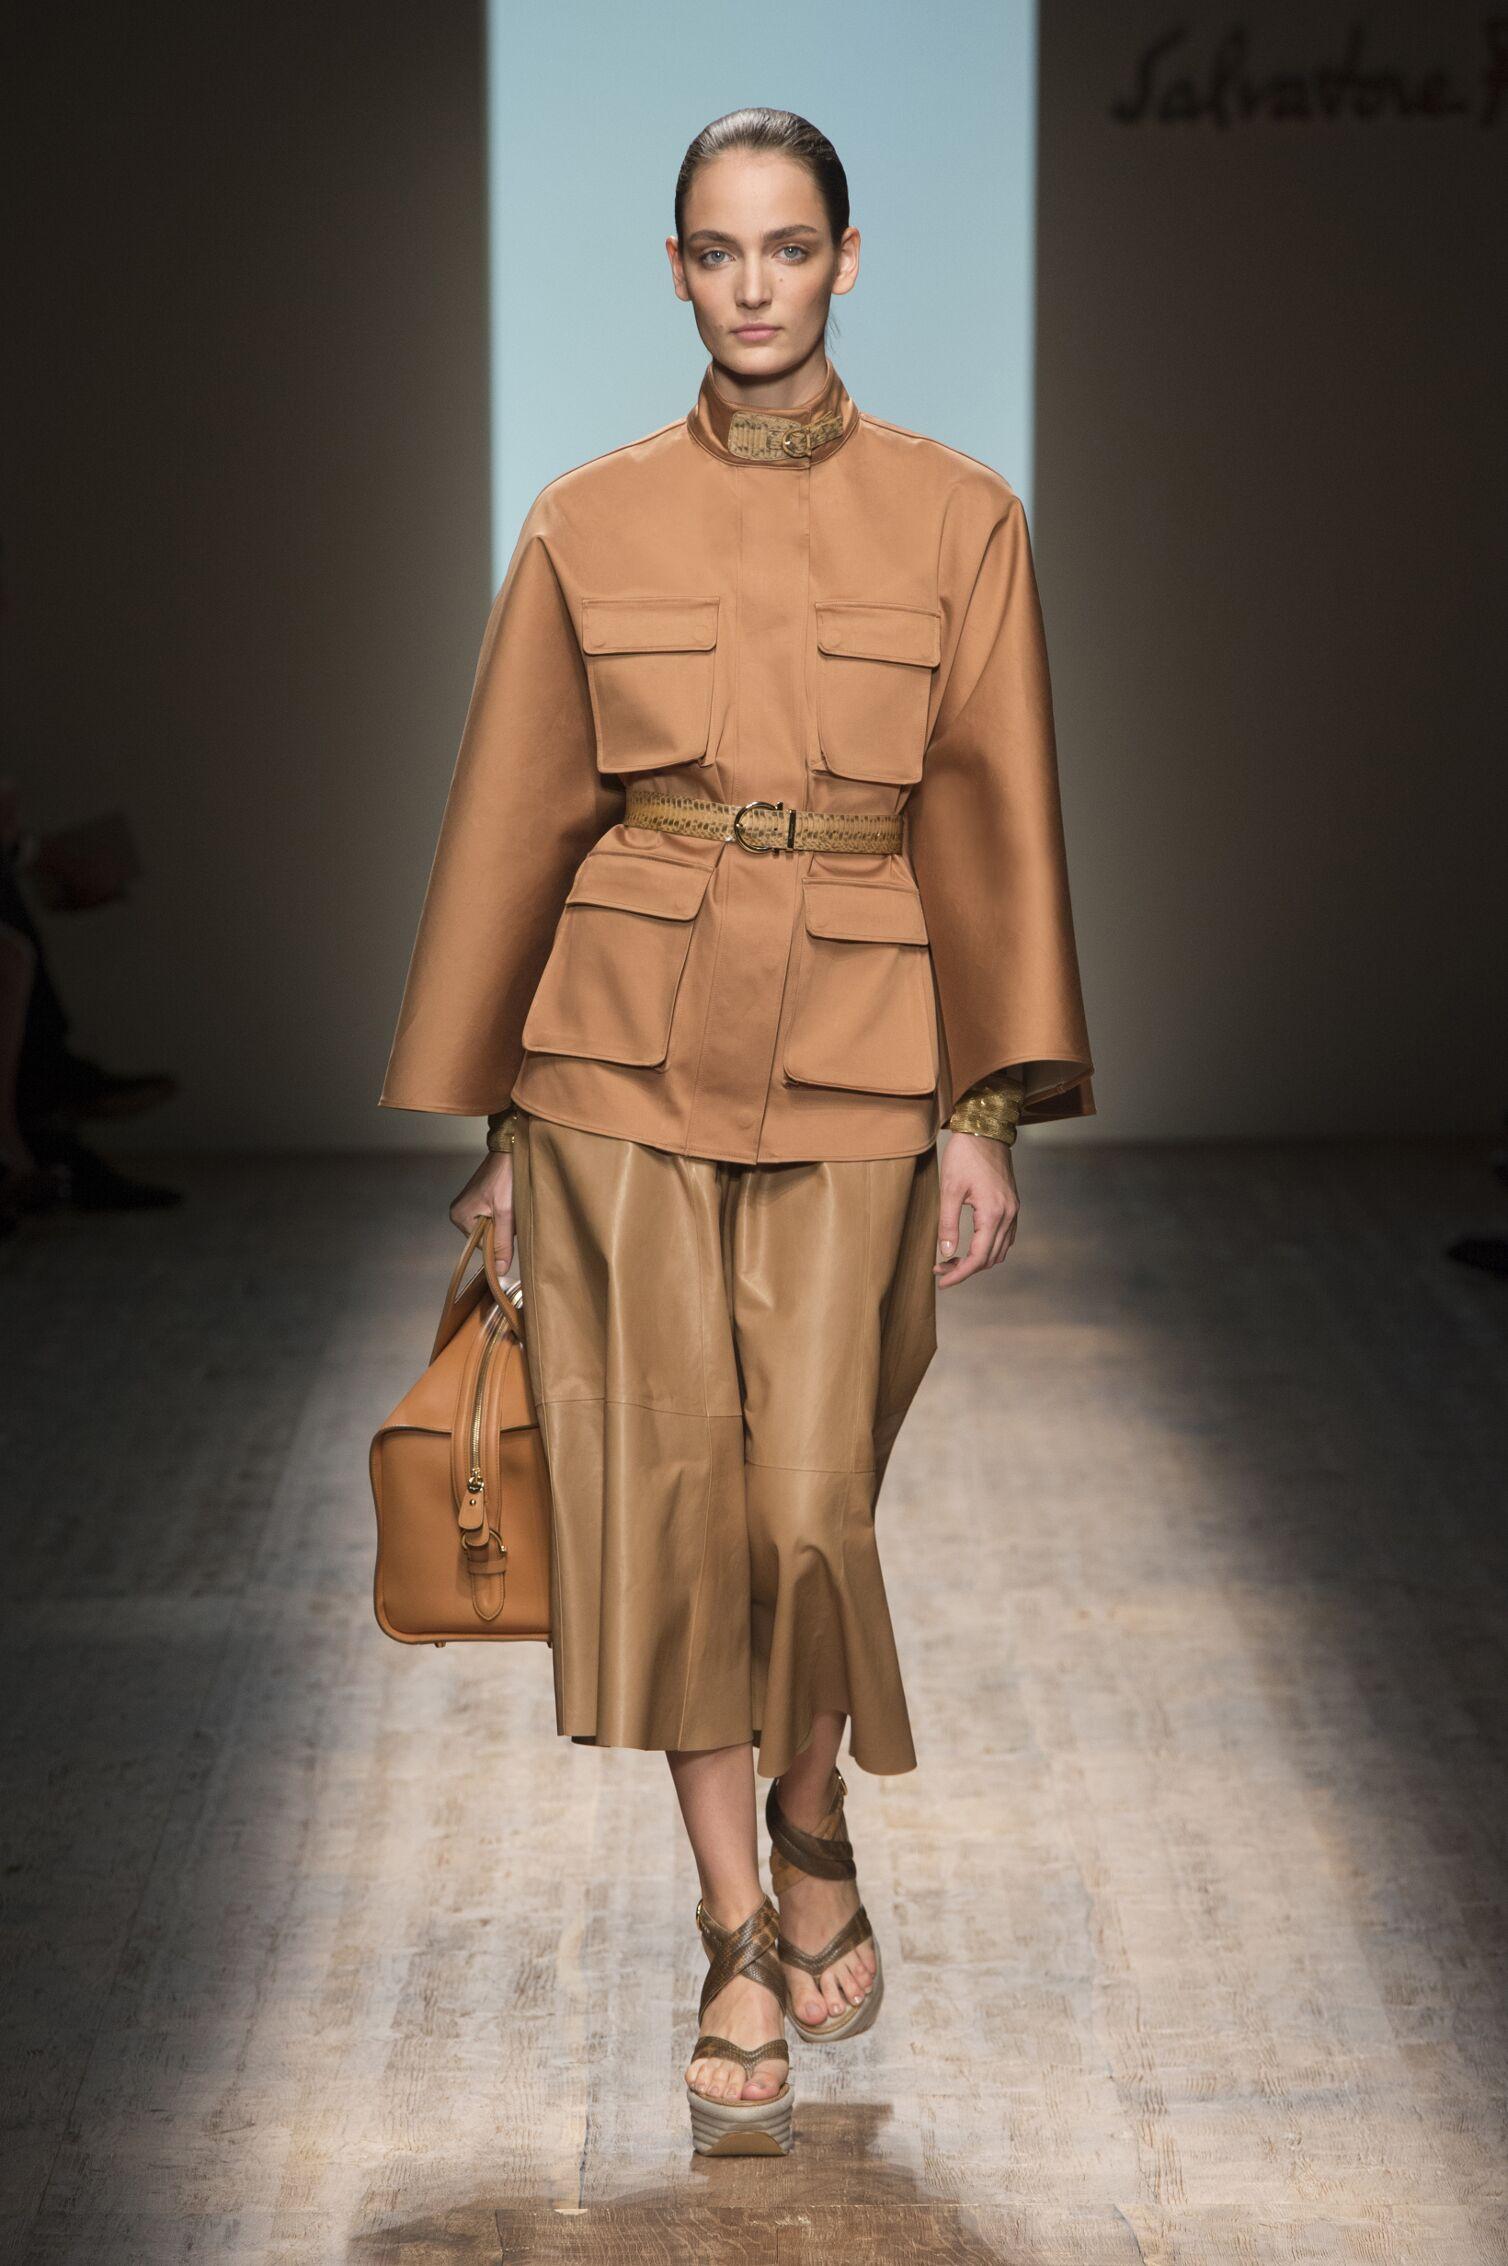 Salvatore Ferragamo Women's Collection 2015